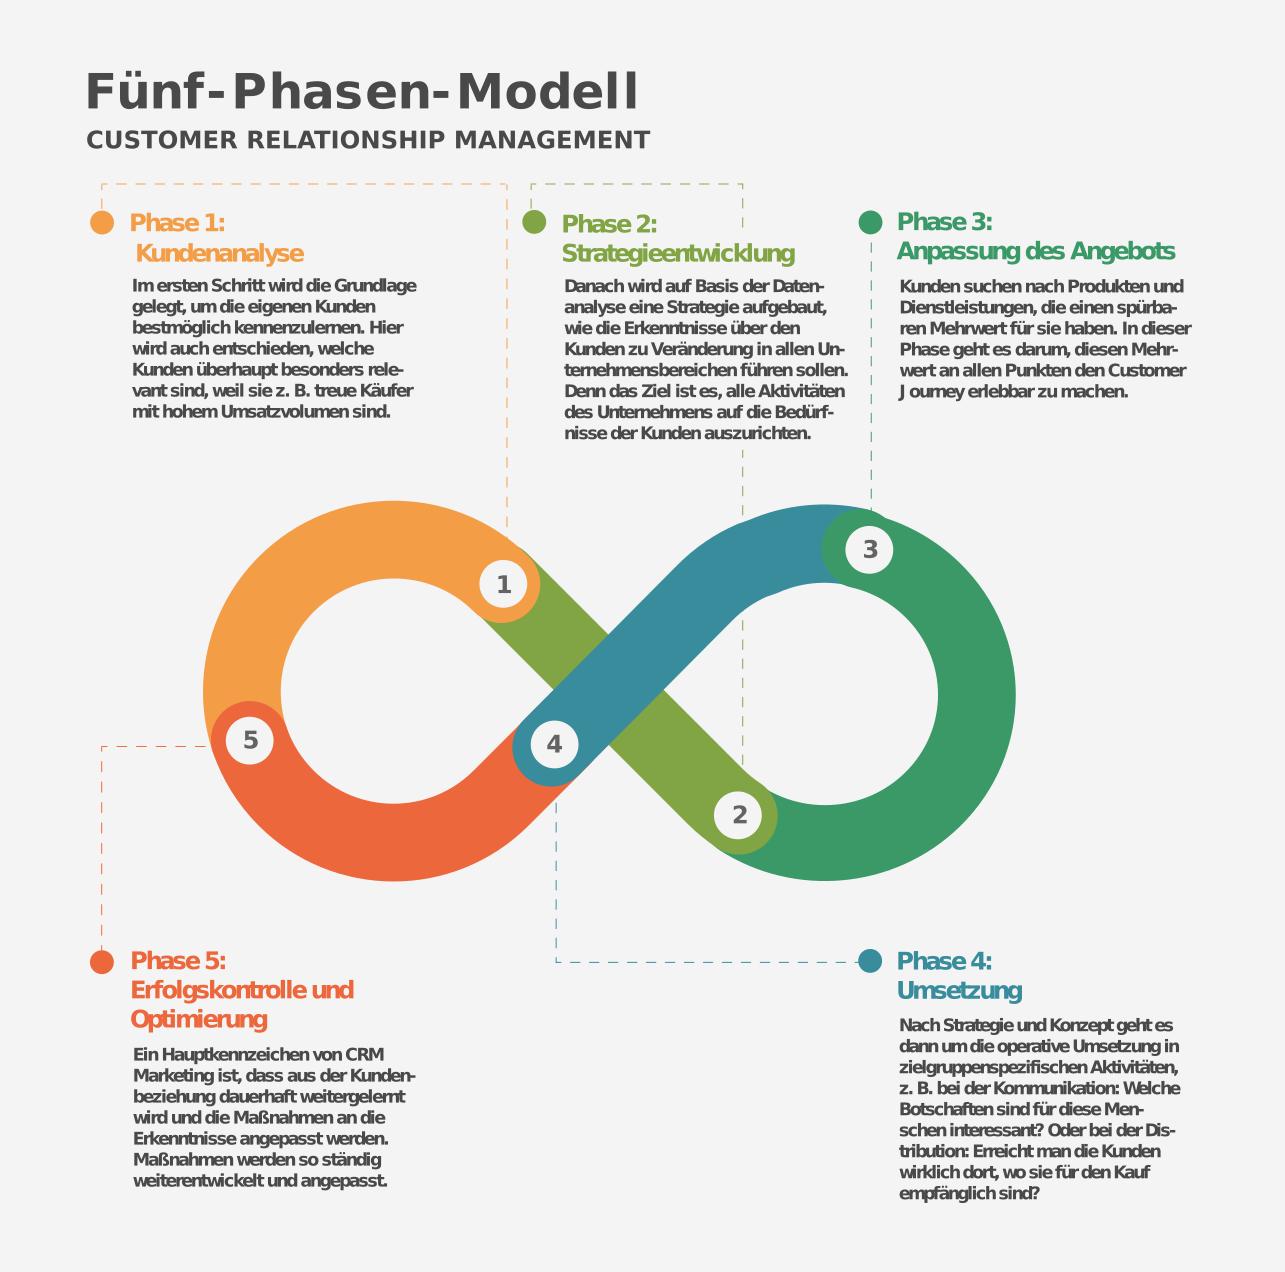 Fünf-Phasen-Modell CRM